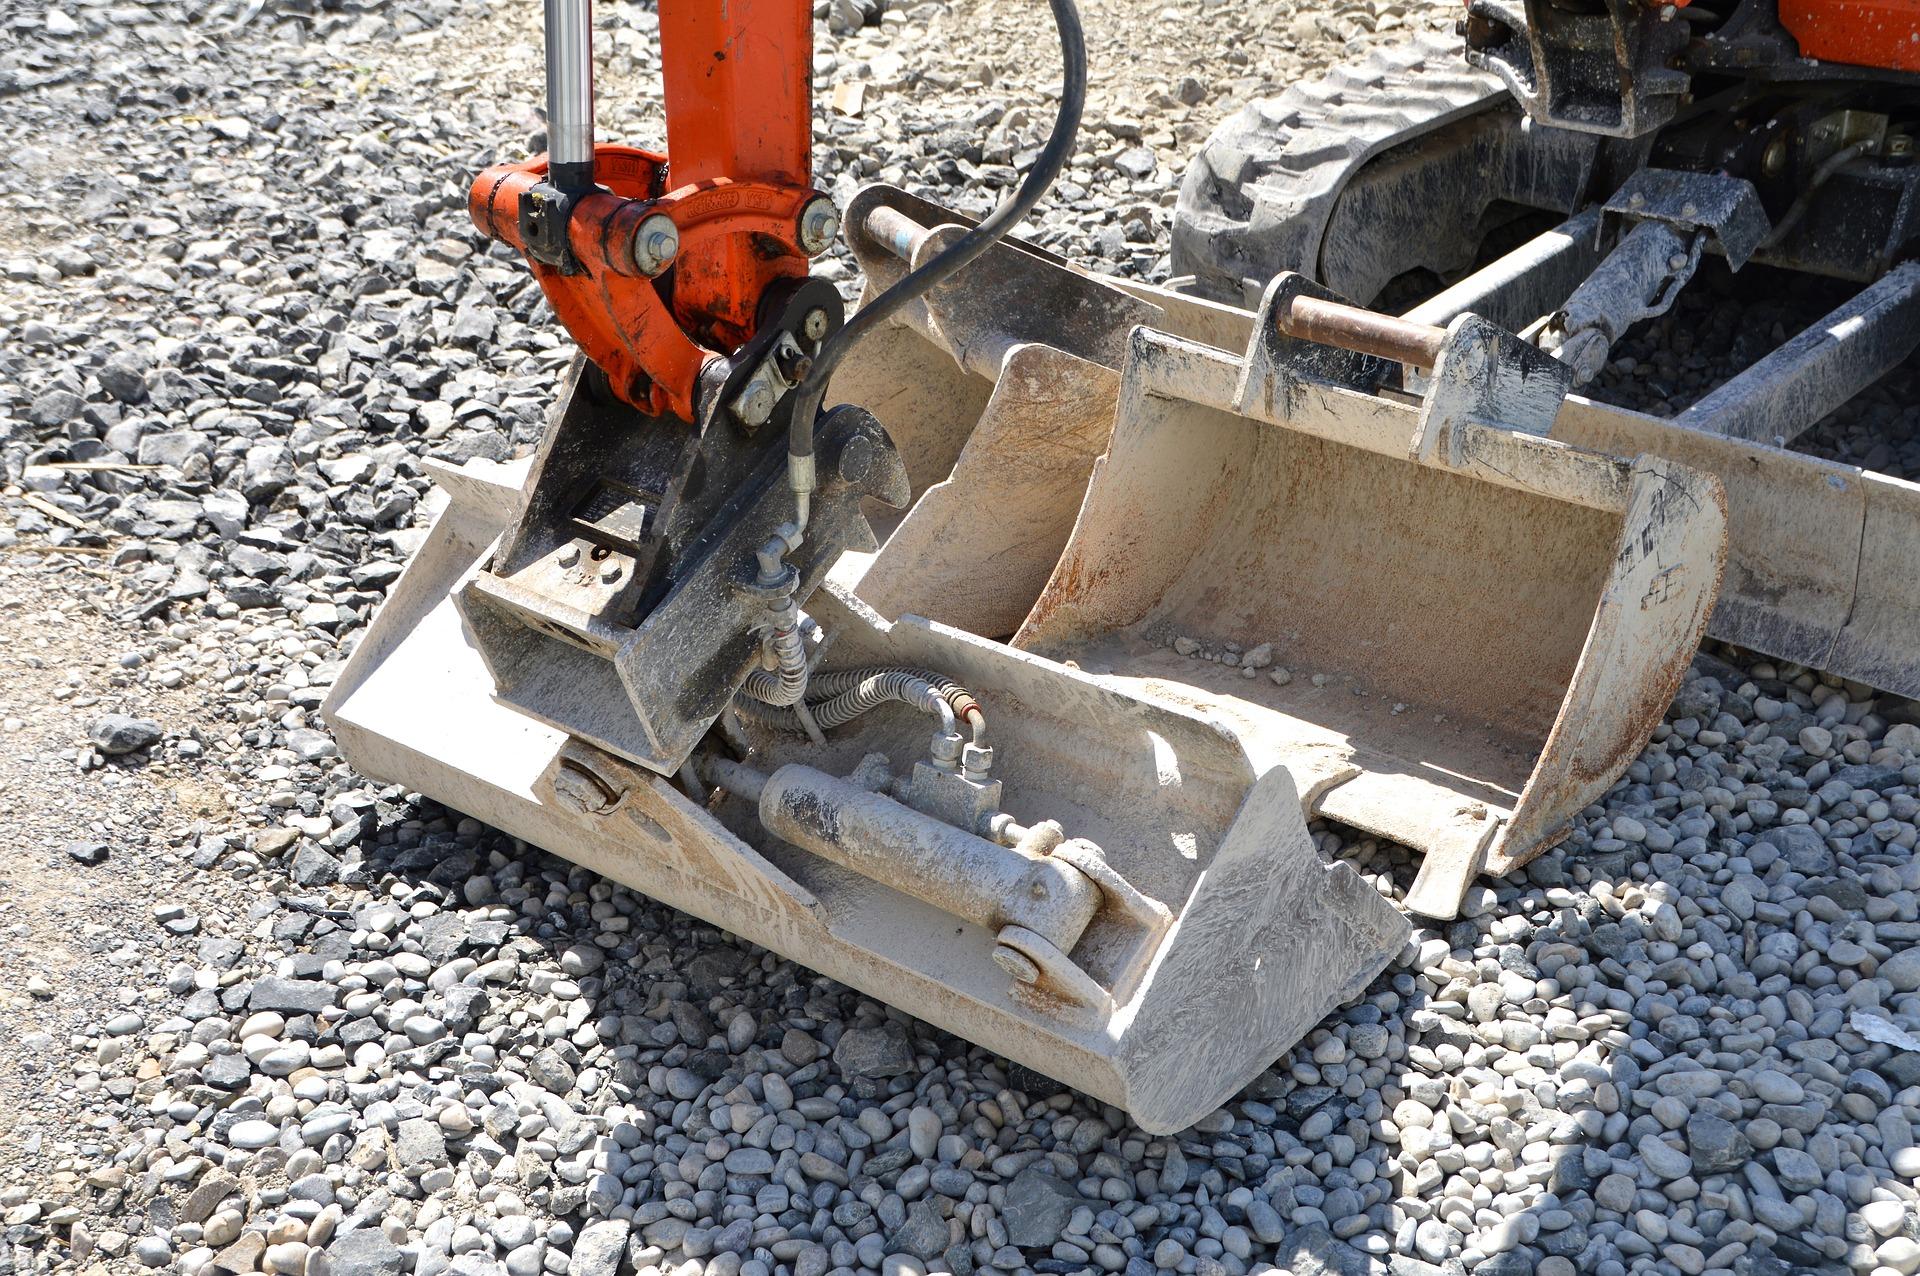 Trocknungsverfahren im Überblick speziell Trocknung Trocknungszeit Infrarottrocknung Unter-Estrich Trocknung Hohlraumtrocknung Wasserschäden Feuchtigkeit Bau